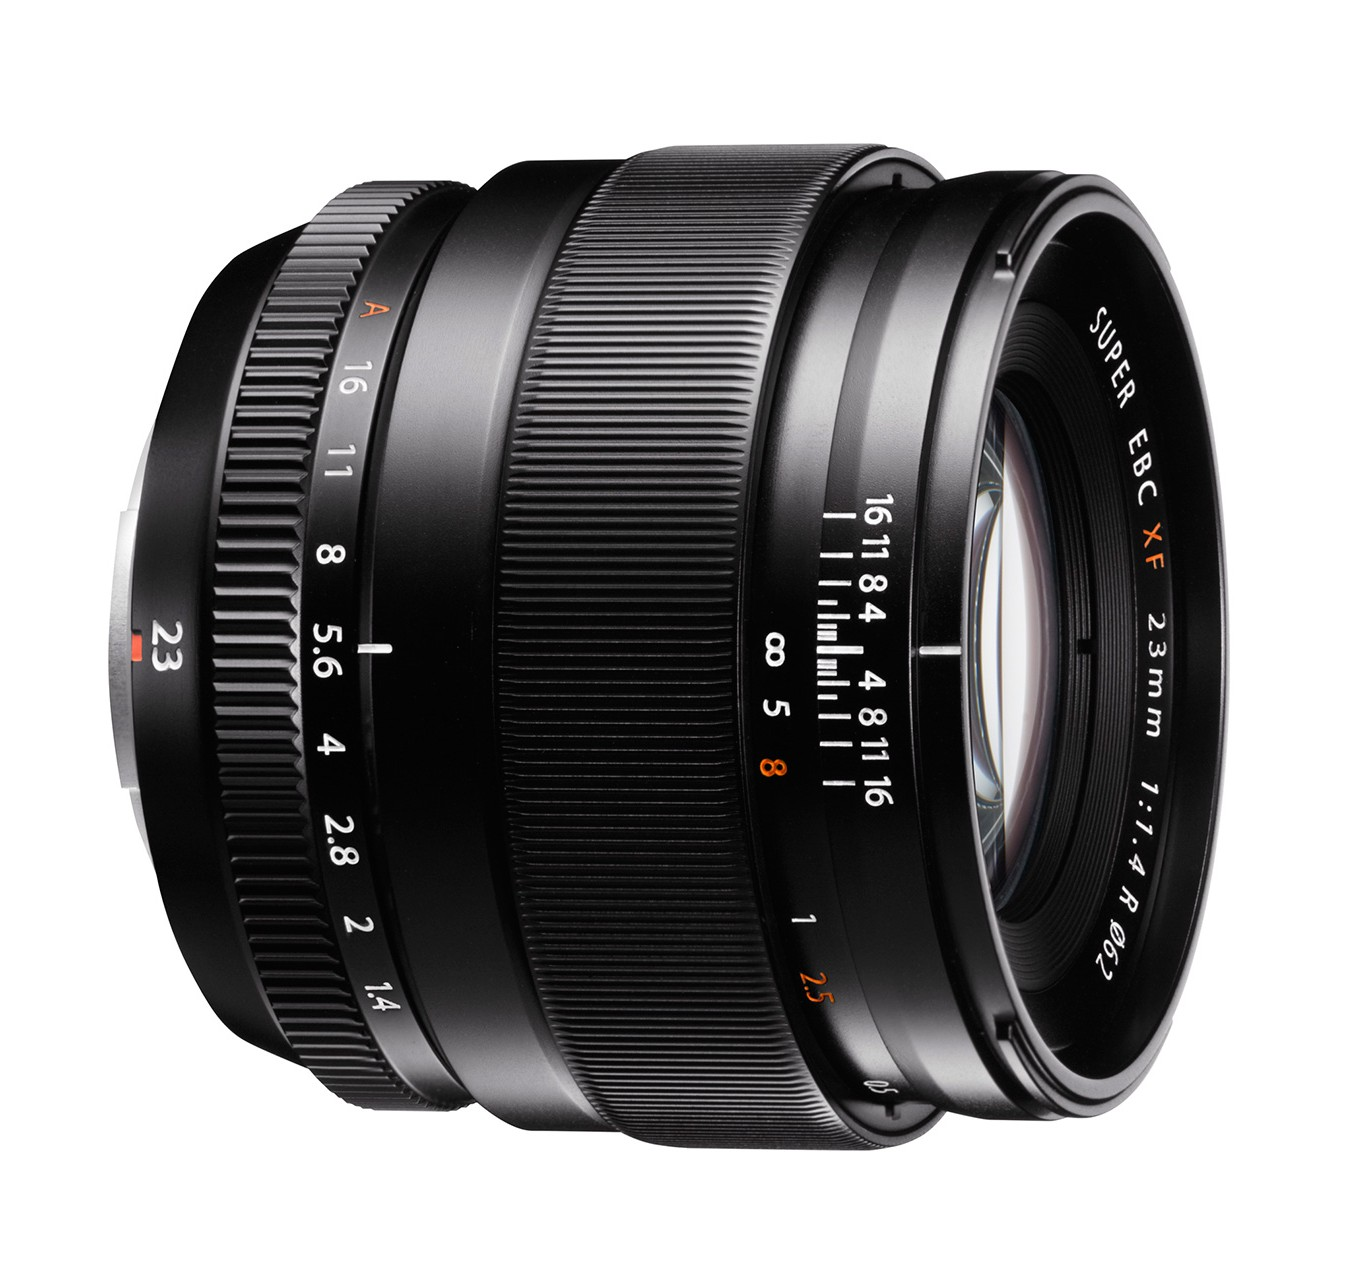 Lens 35mm F1.4 Fujinon xf 23mm F1.4 r Lens